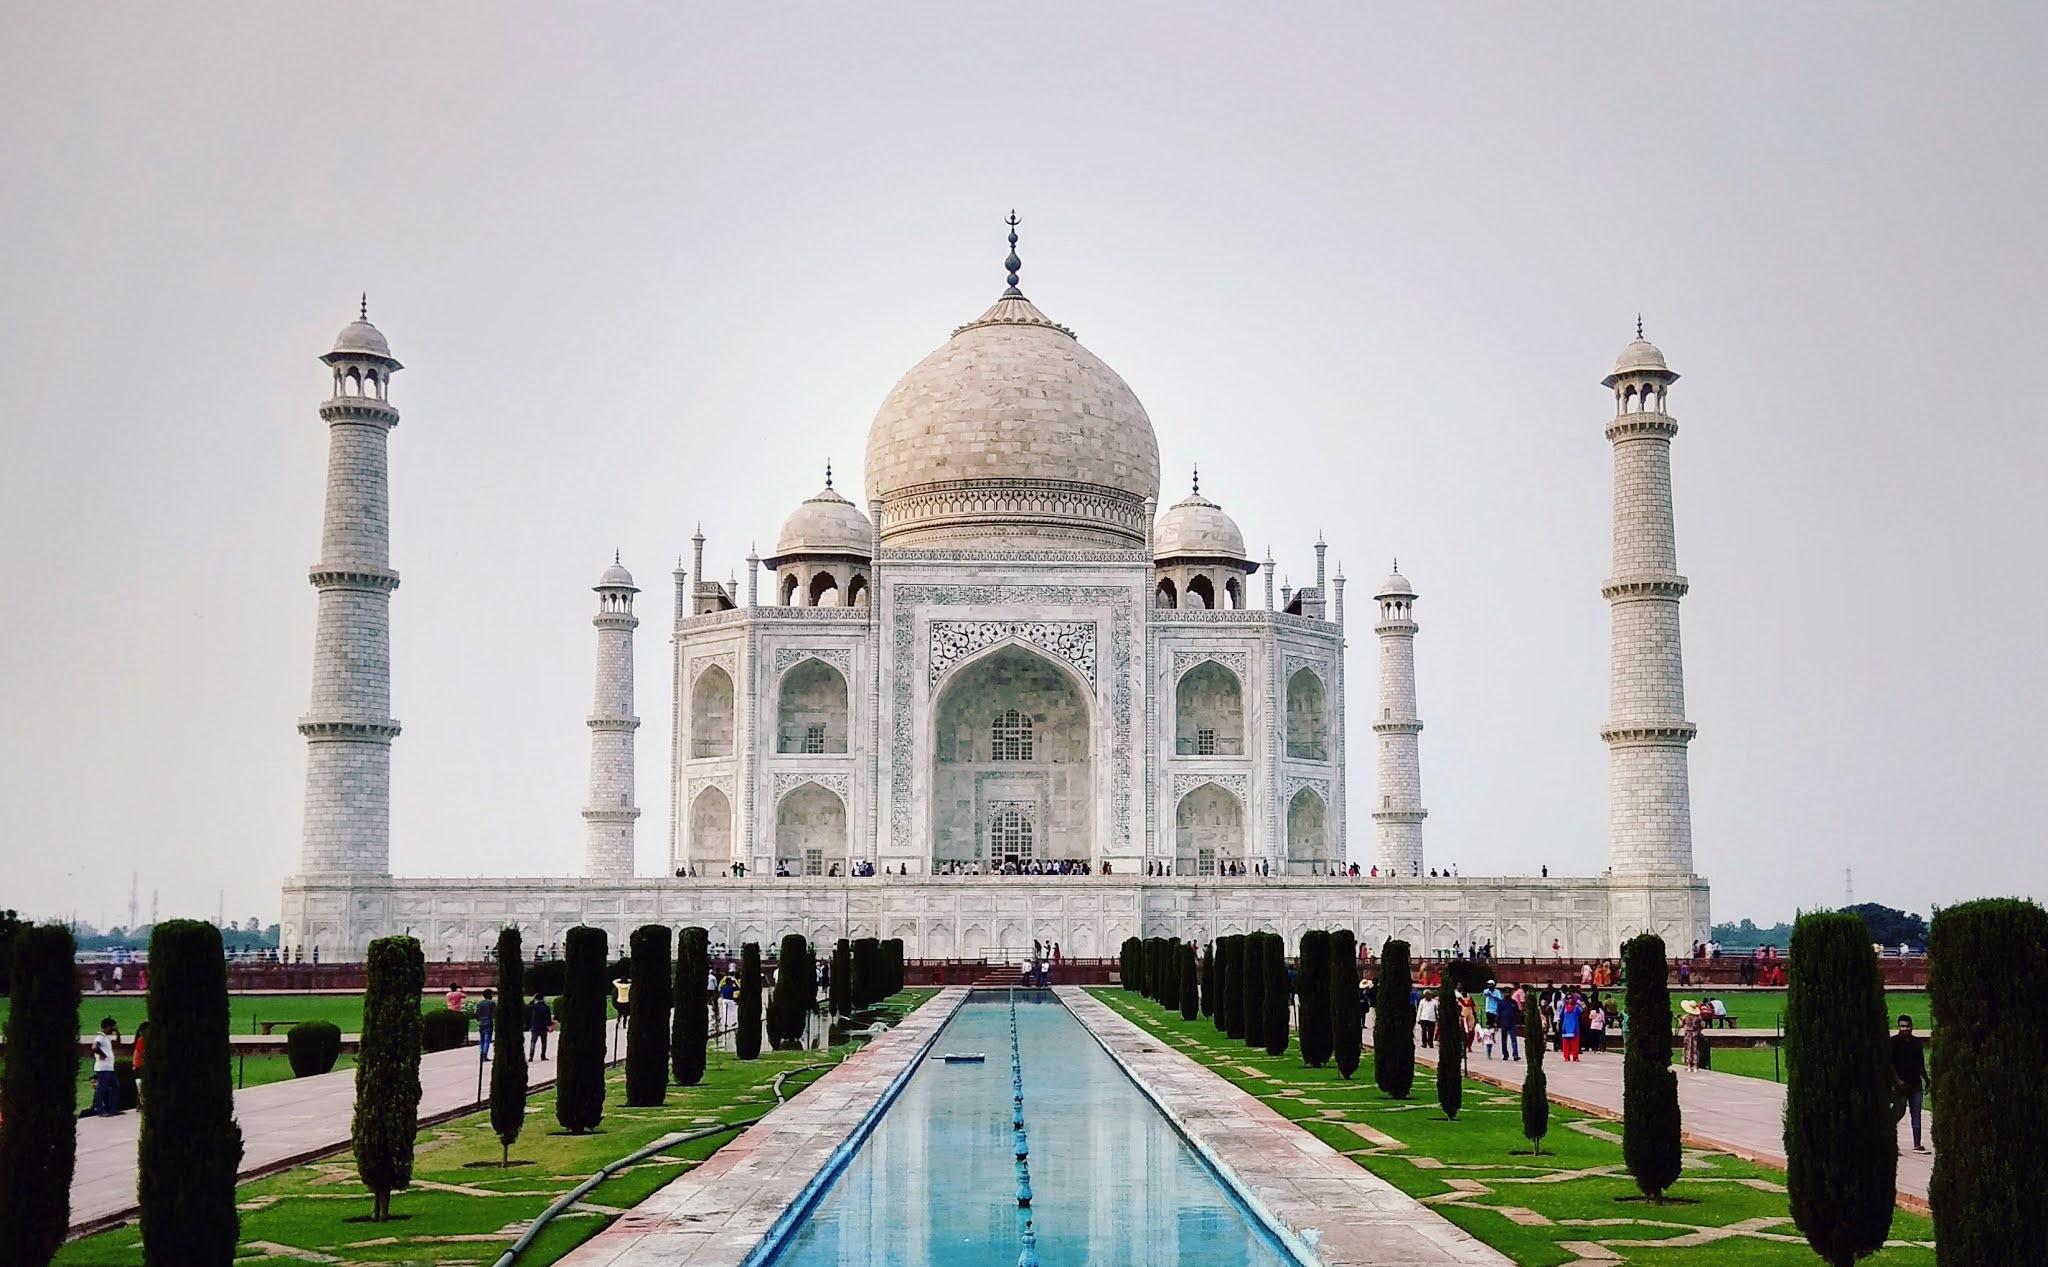 Taj Mahal | mausoleum, Agra, India | Britannica.com